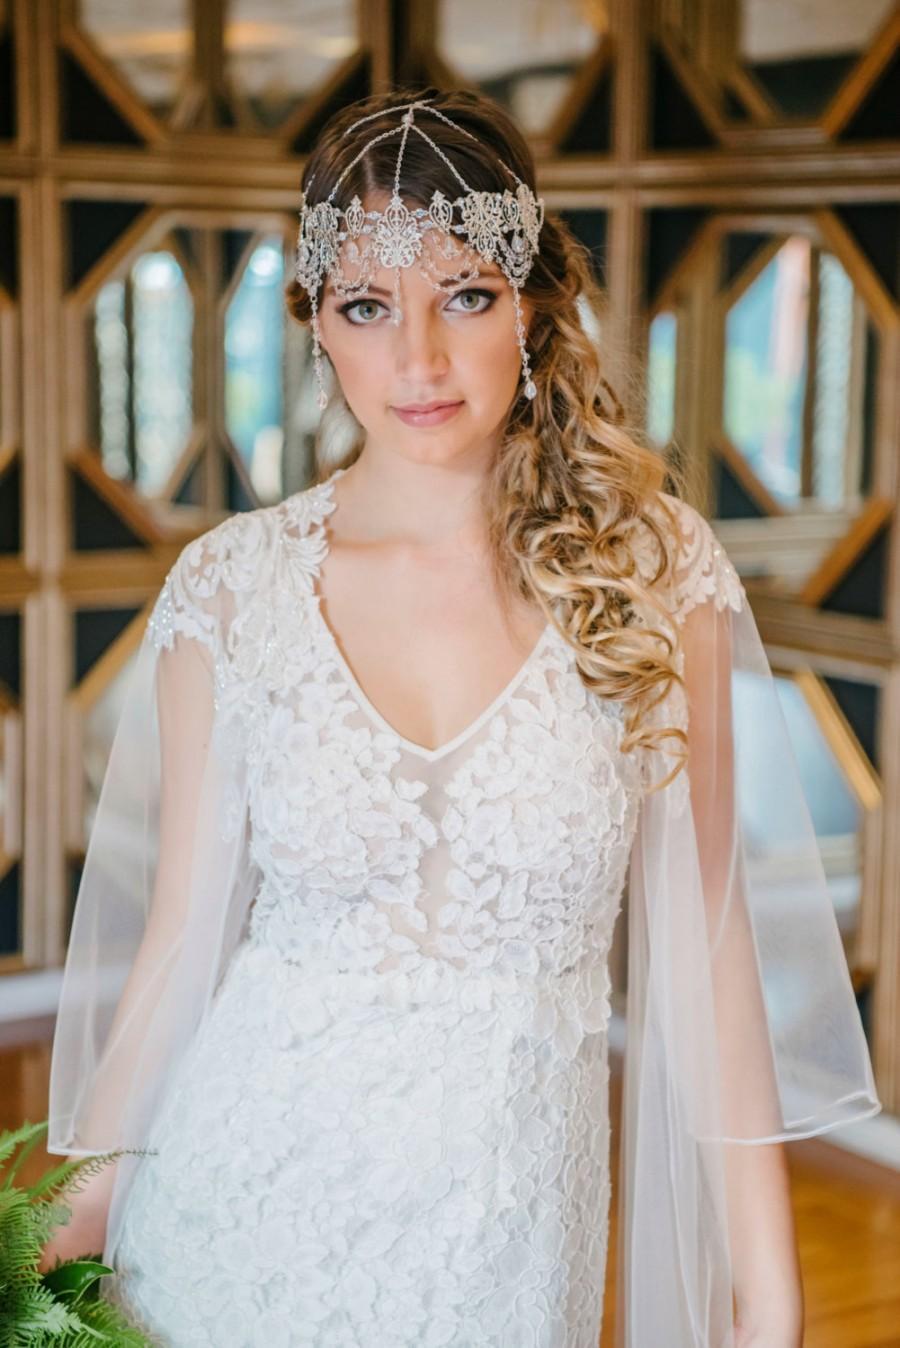 زفاف - Boho Bride Bohemian Wedding Headpiece Bridal Head Chain Weddings Bridal Headpiece Hair Jewelry Head Chain Head Jewelry Chain - Crystal Gypsy